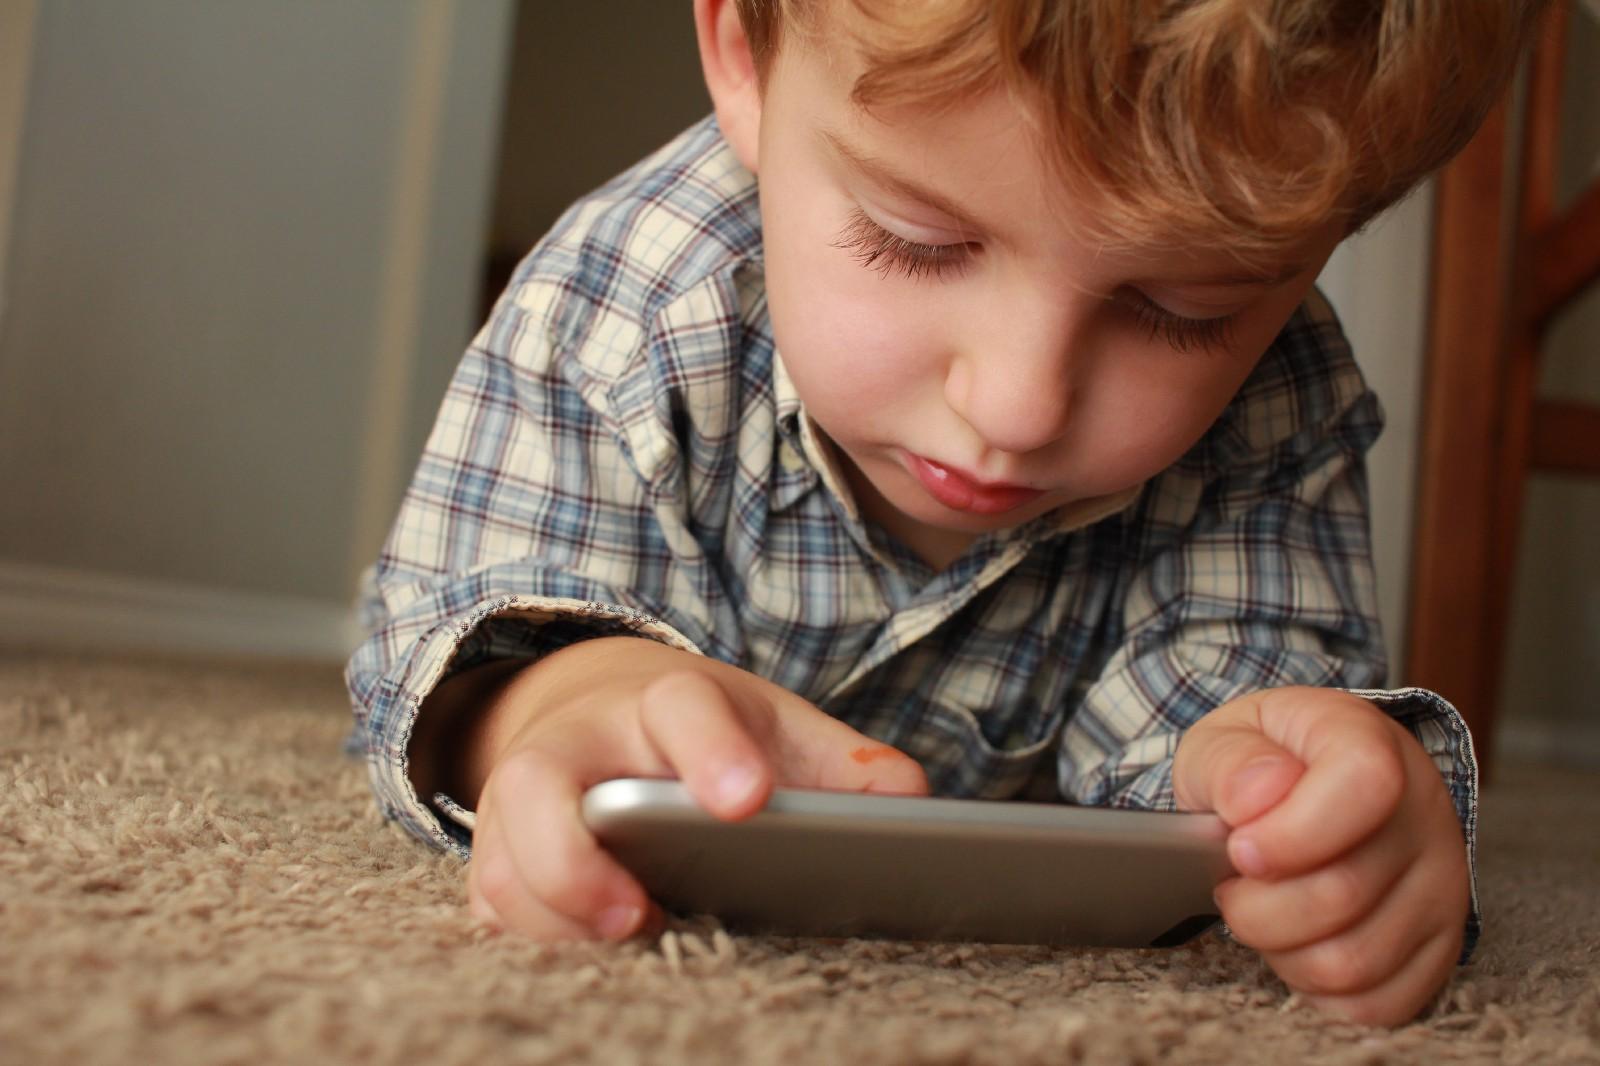 /tech-a-i-kids-a-dangerous-mix-78af371b7f6a feature image